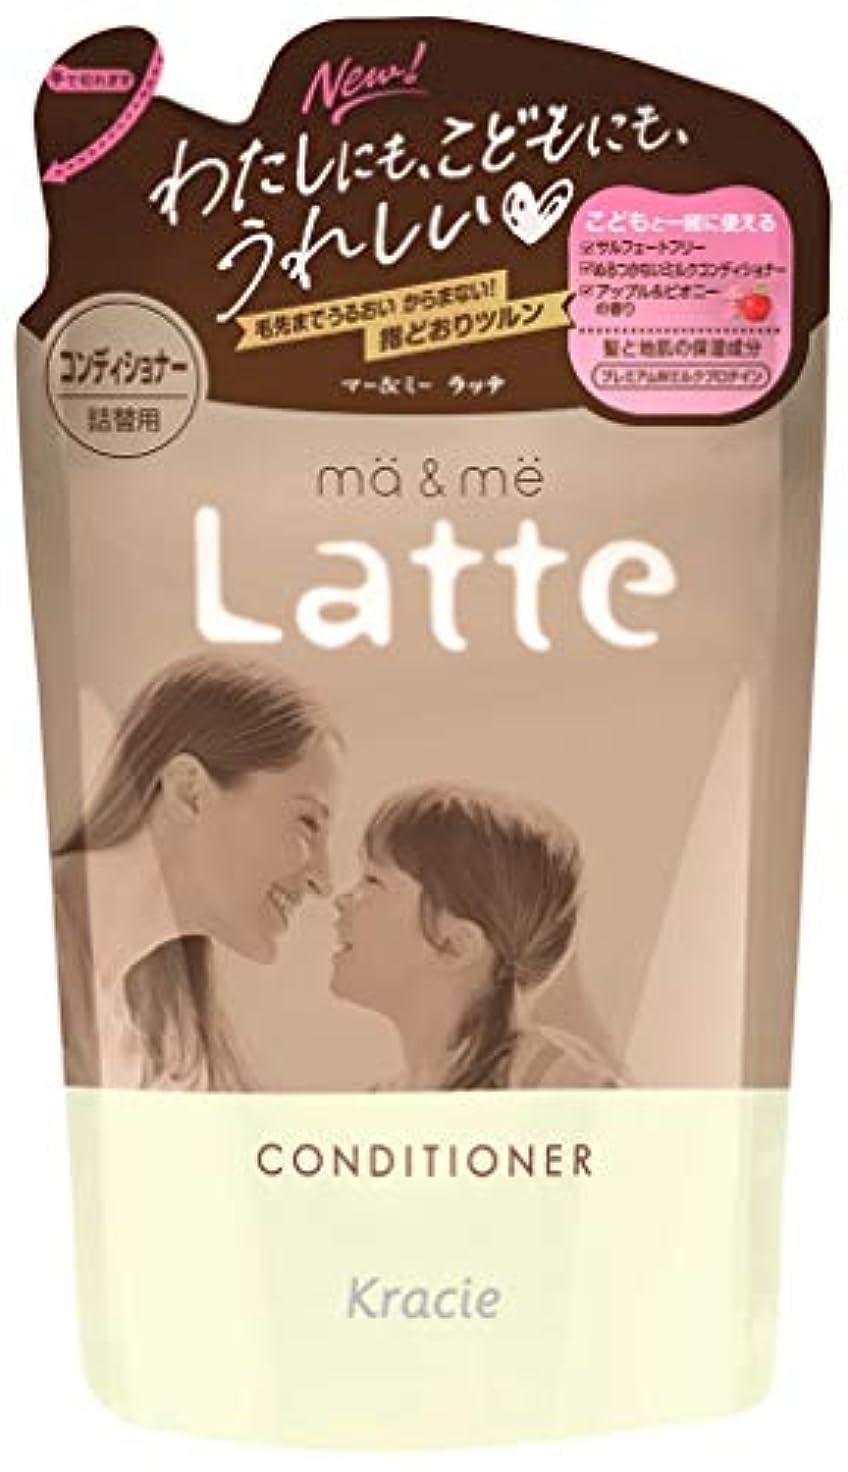 記念日抑制性格マー&ミーLatte コンディショナー詰替360g プレミアムWミルクプロテイン配合(アップル&ピオニーの香り)